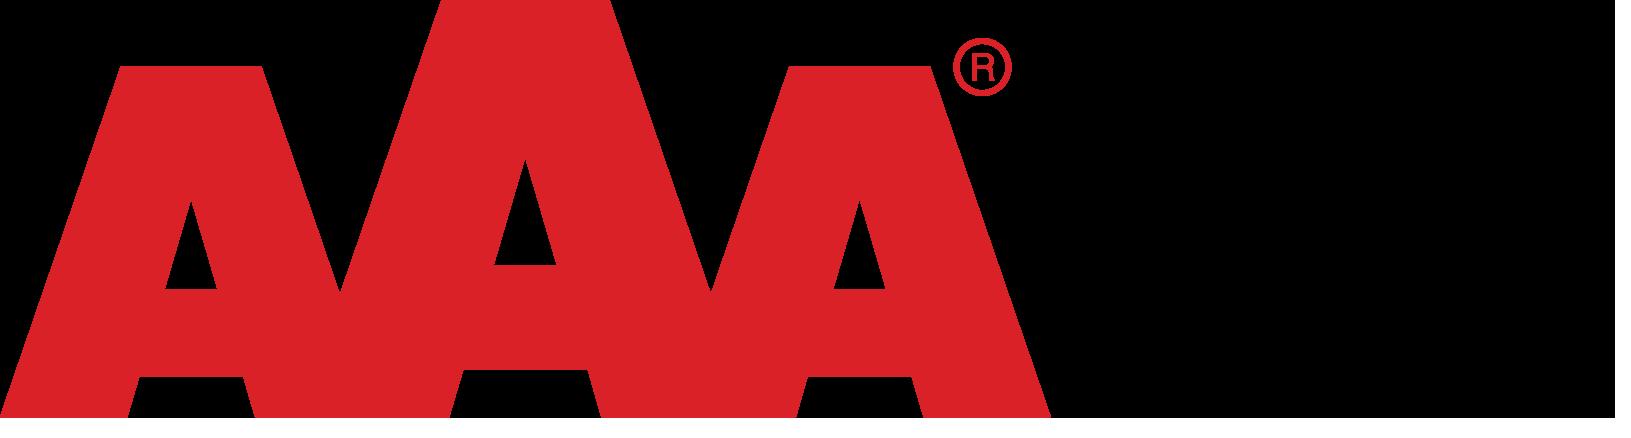 AAA - Fromm Sverige AB